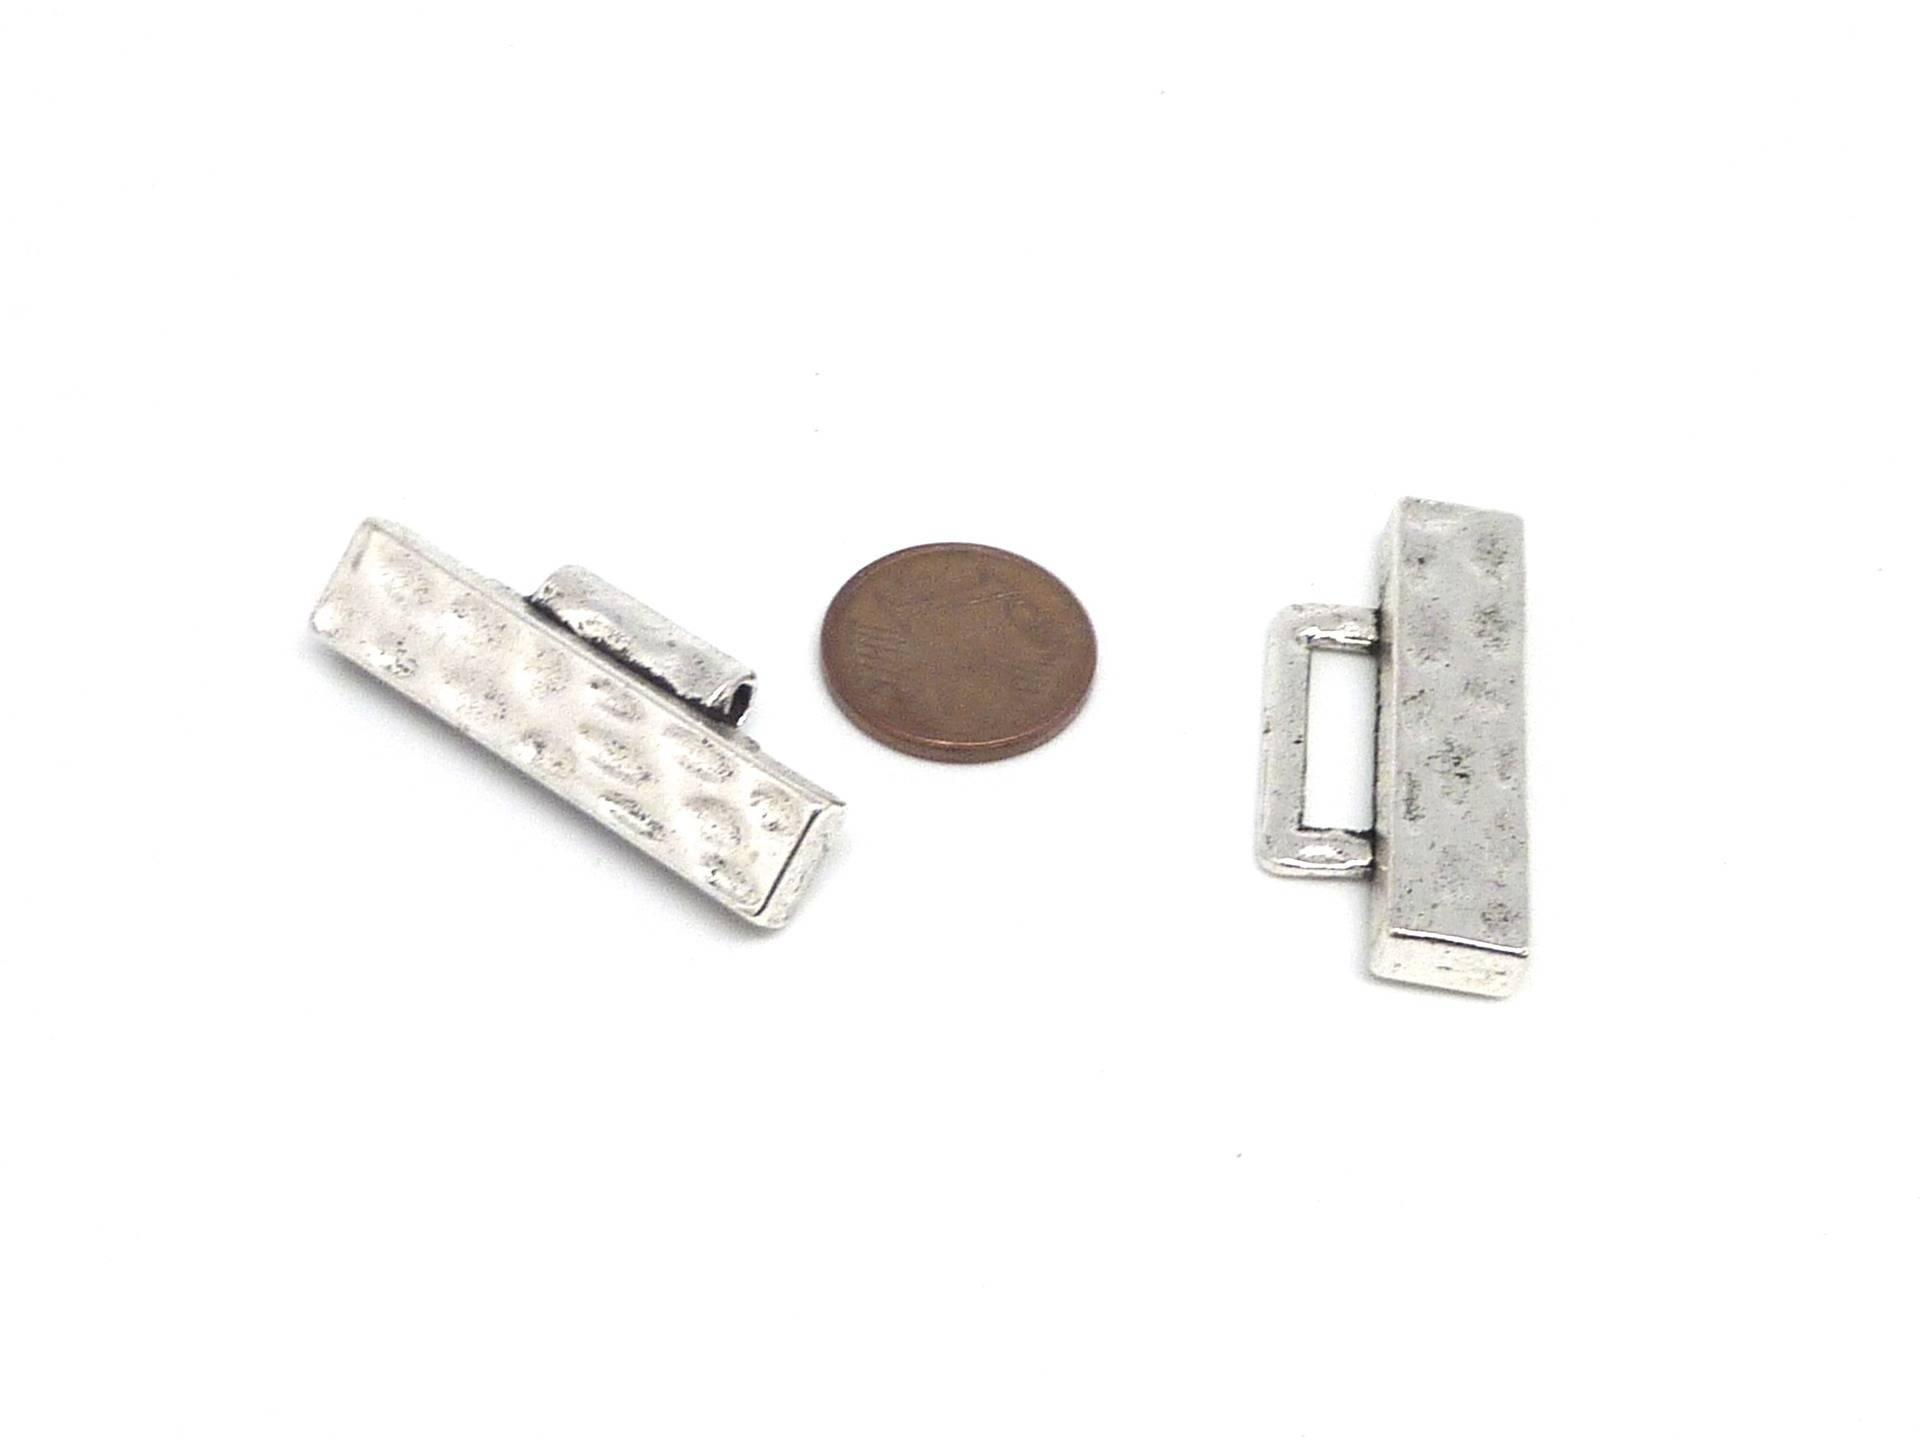 Fermoir manchette clip en métal argenté martelé largeur 3cm